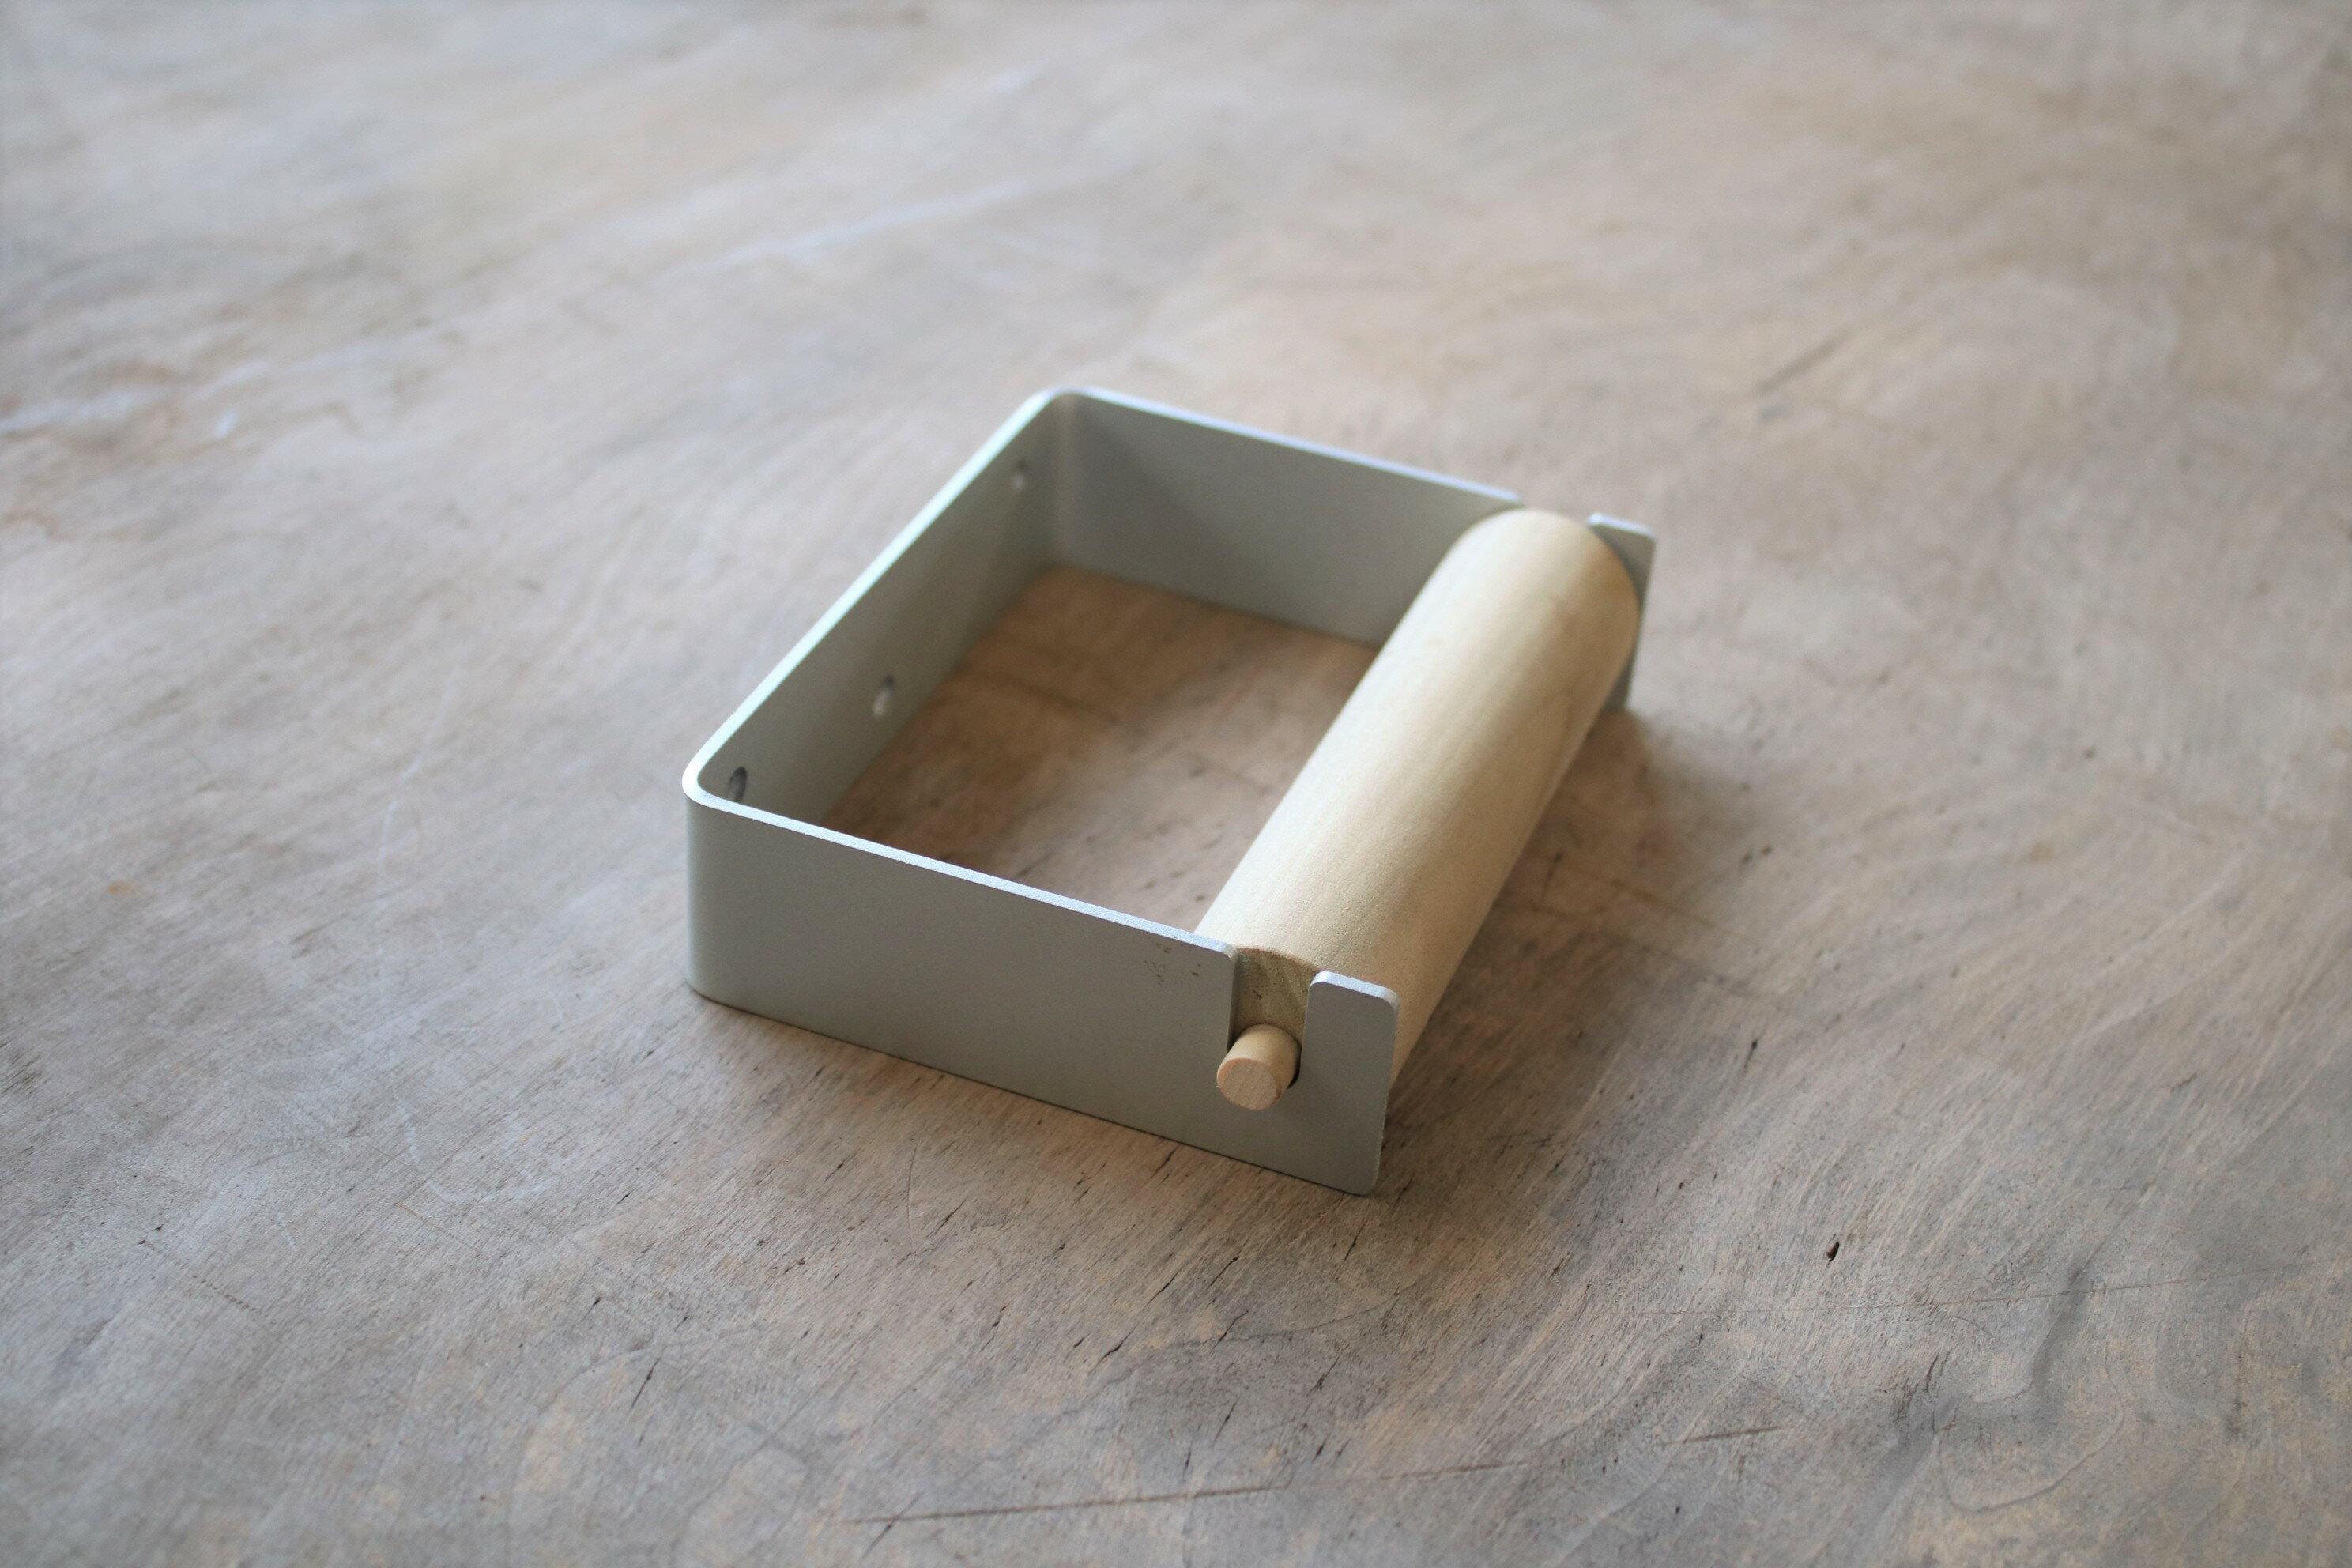 シンプルなデザインの中にも温かみのある「つむぎ商會」オリジナルのトイレットペーパーホルダー。本体はシルバーかホワイトのスチール製で、芯は天然木製。金属のクールさとウッディな温かさのコントラストが絶妙です。